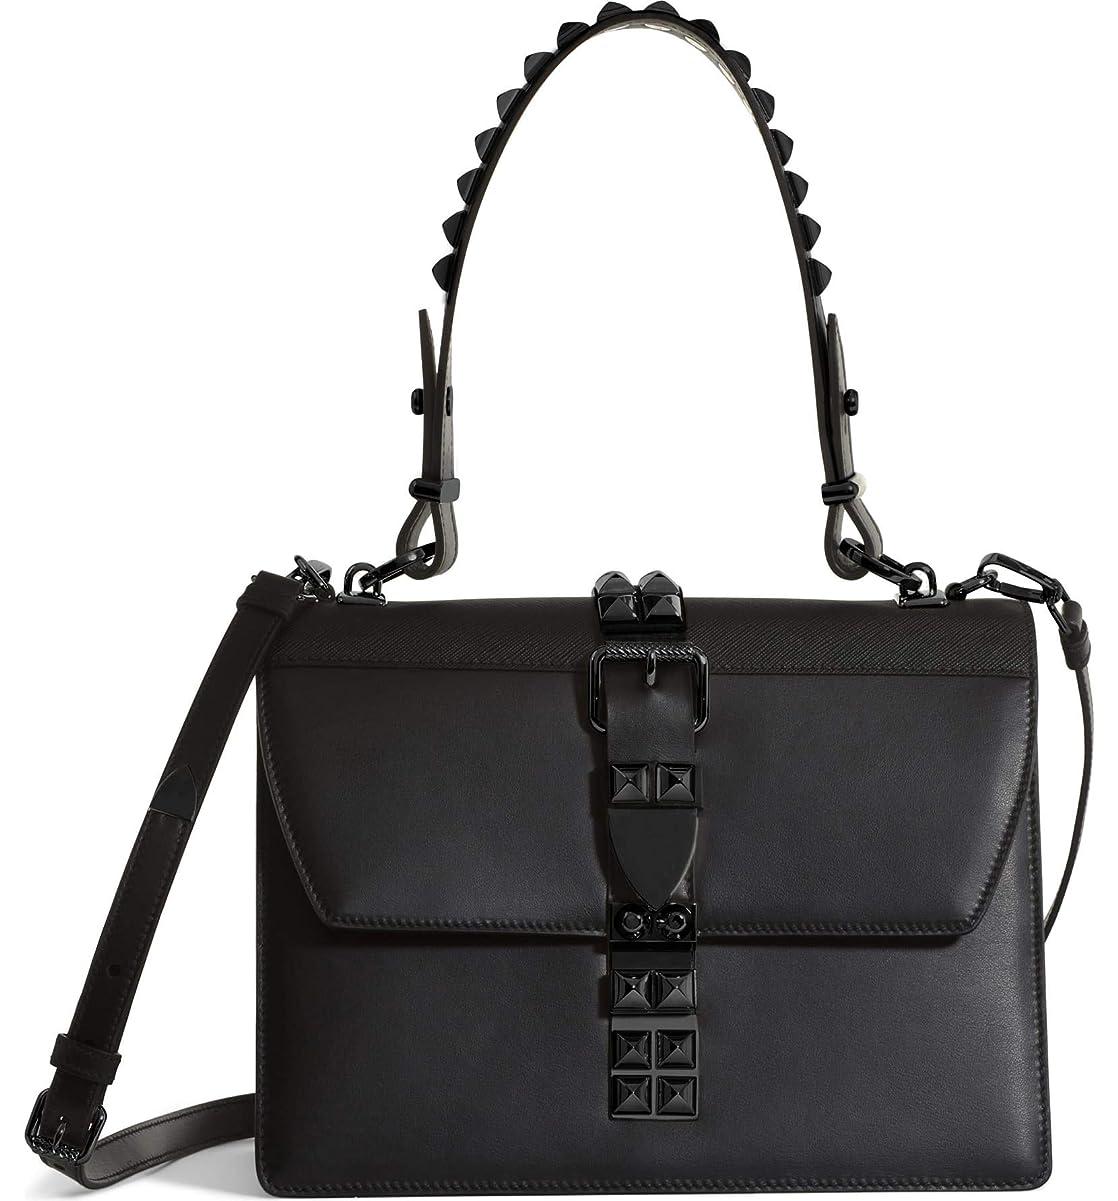 欺スキップクリップ[プラダ] レディース ハンドバッグ Prada Elektra Top Handle Bag [並行輸入品]